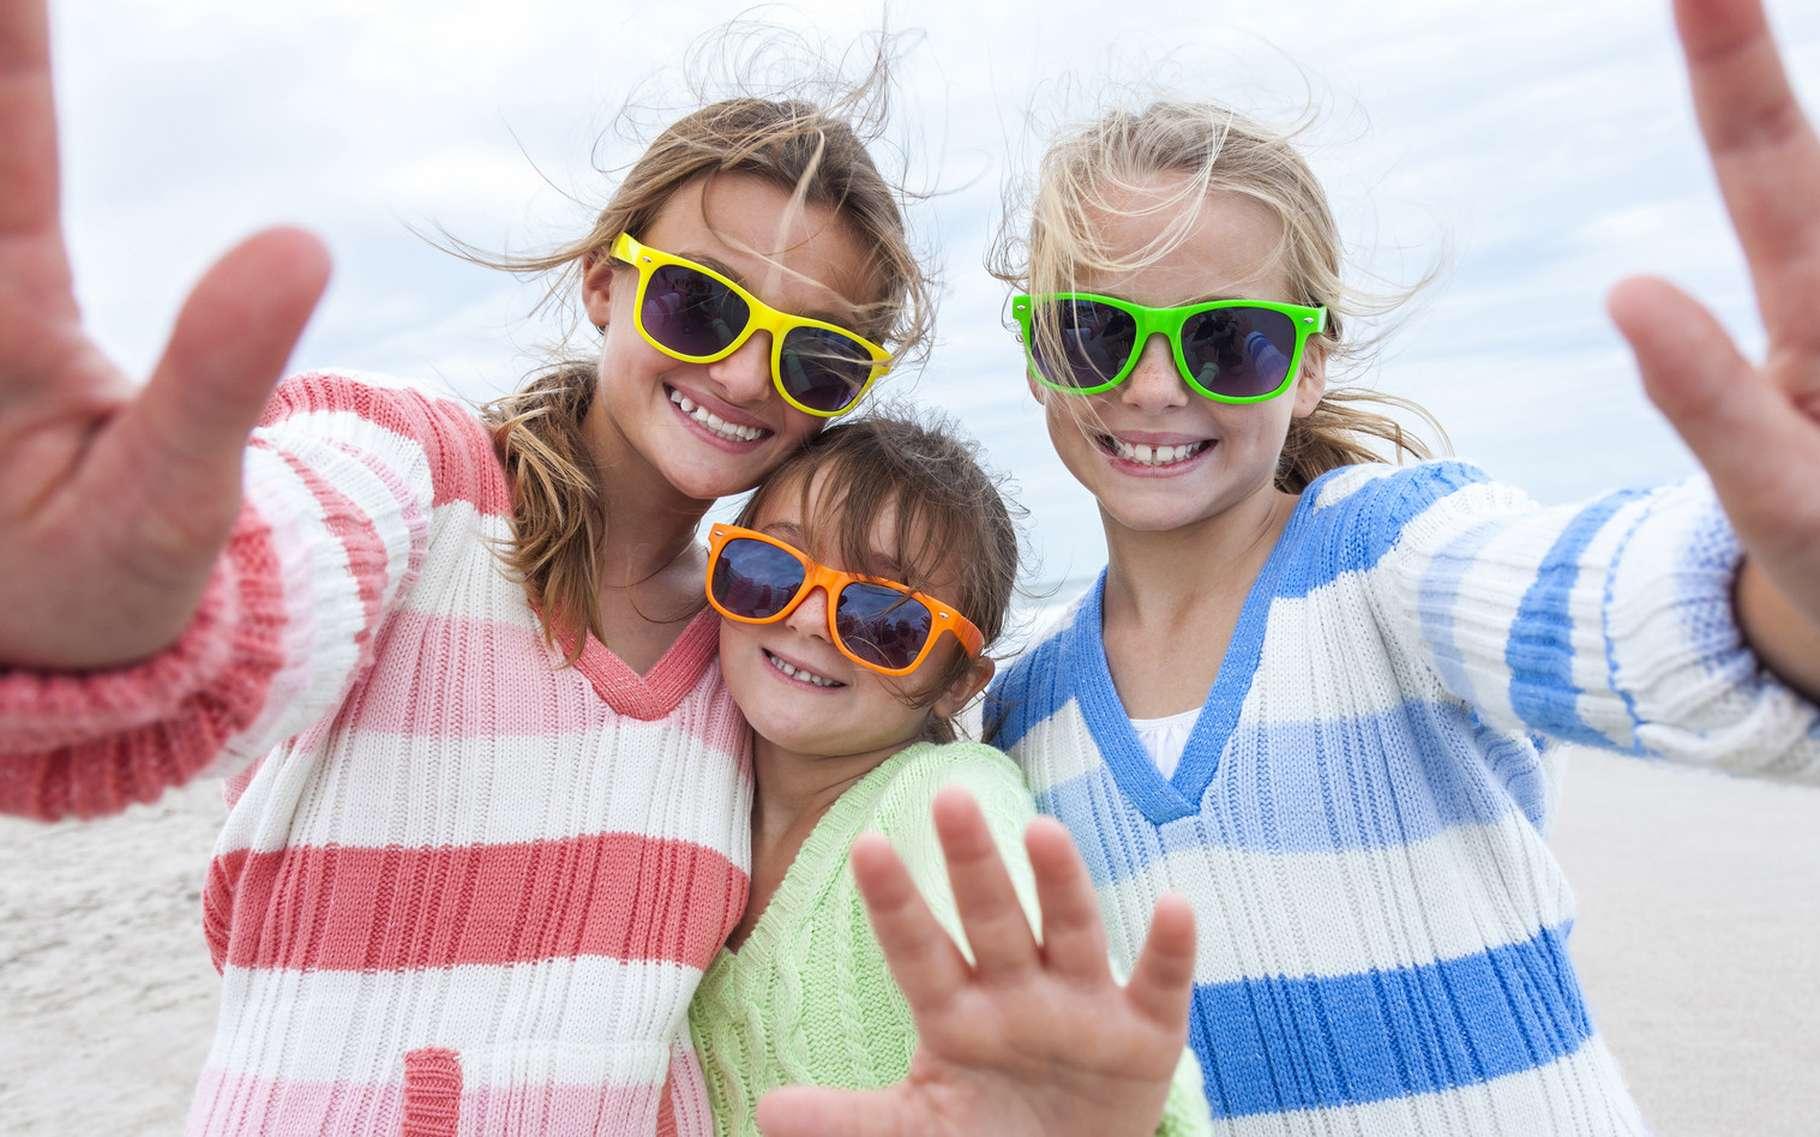 L'âge des premières règles semble de plus en plus précoce. © Spotmatik Ltd, Shutterstock